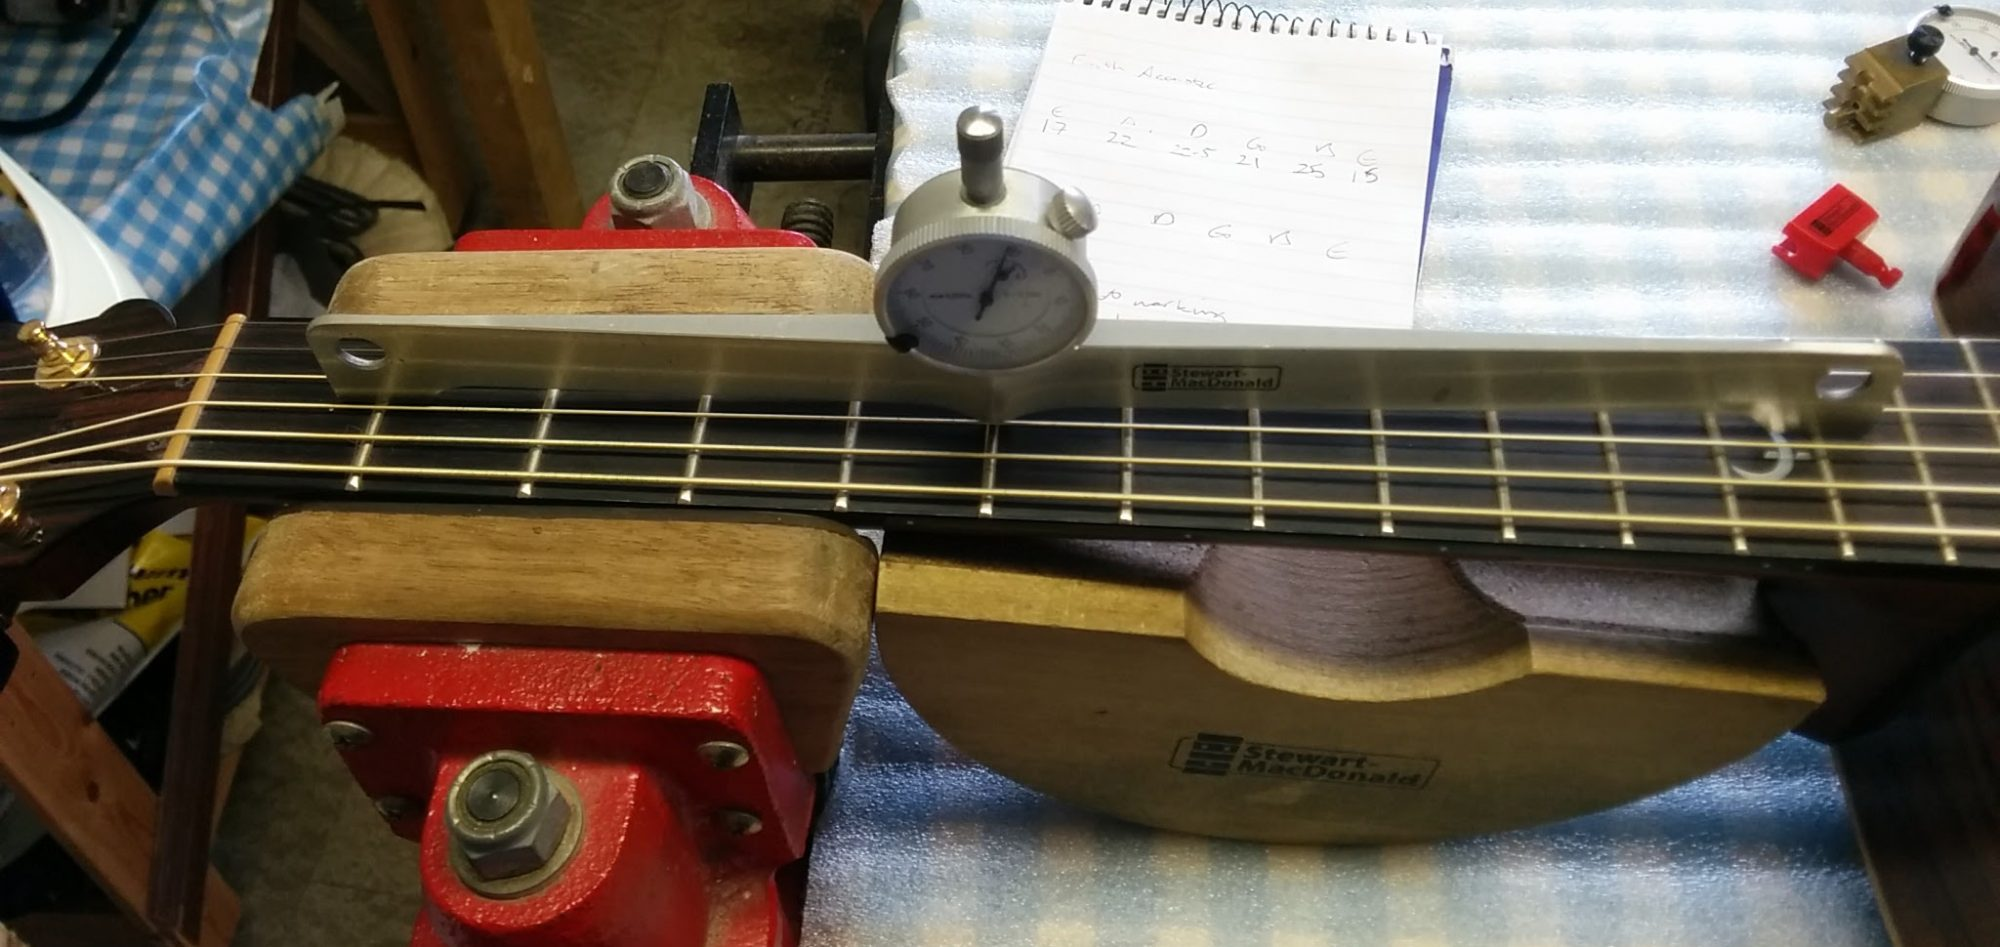 Ayrshire Guitar Repair